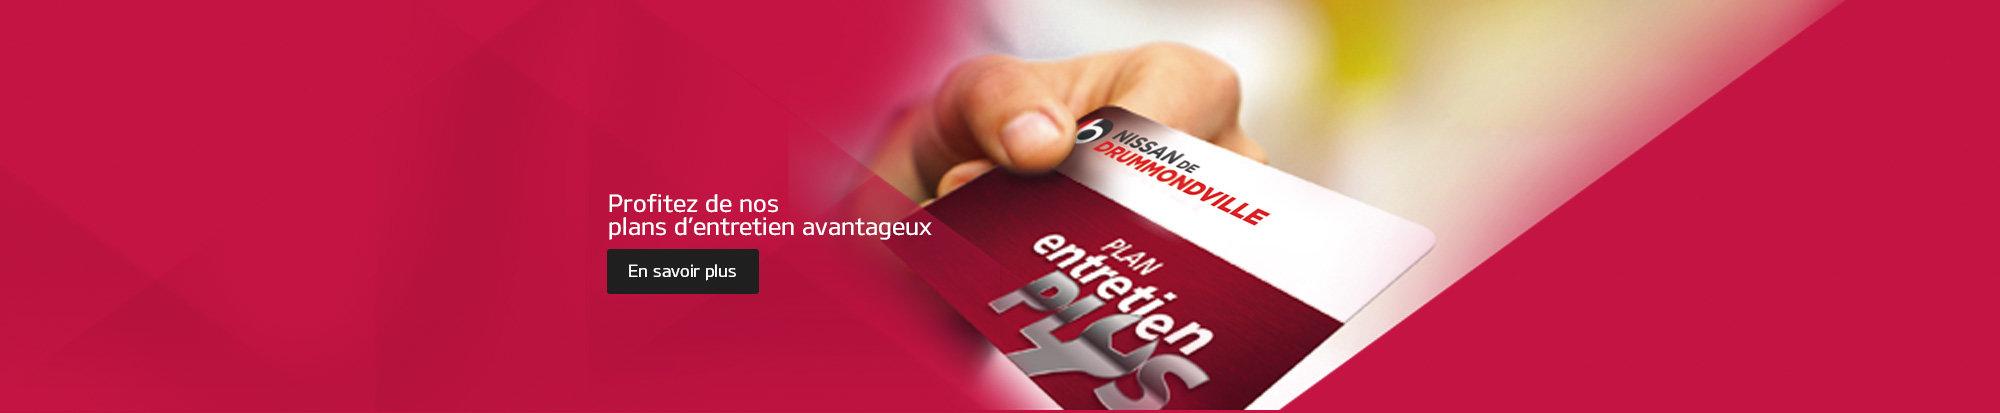 Entretien Plus-Nissan Drummondville